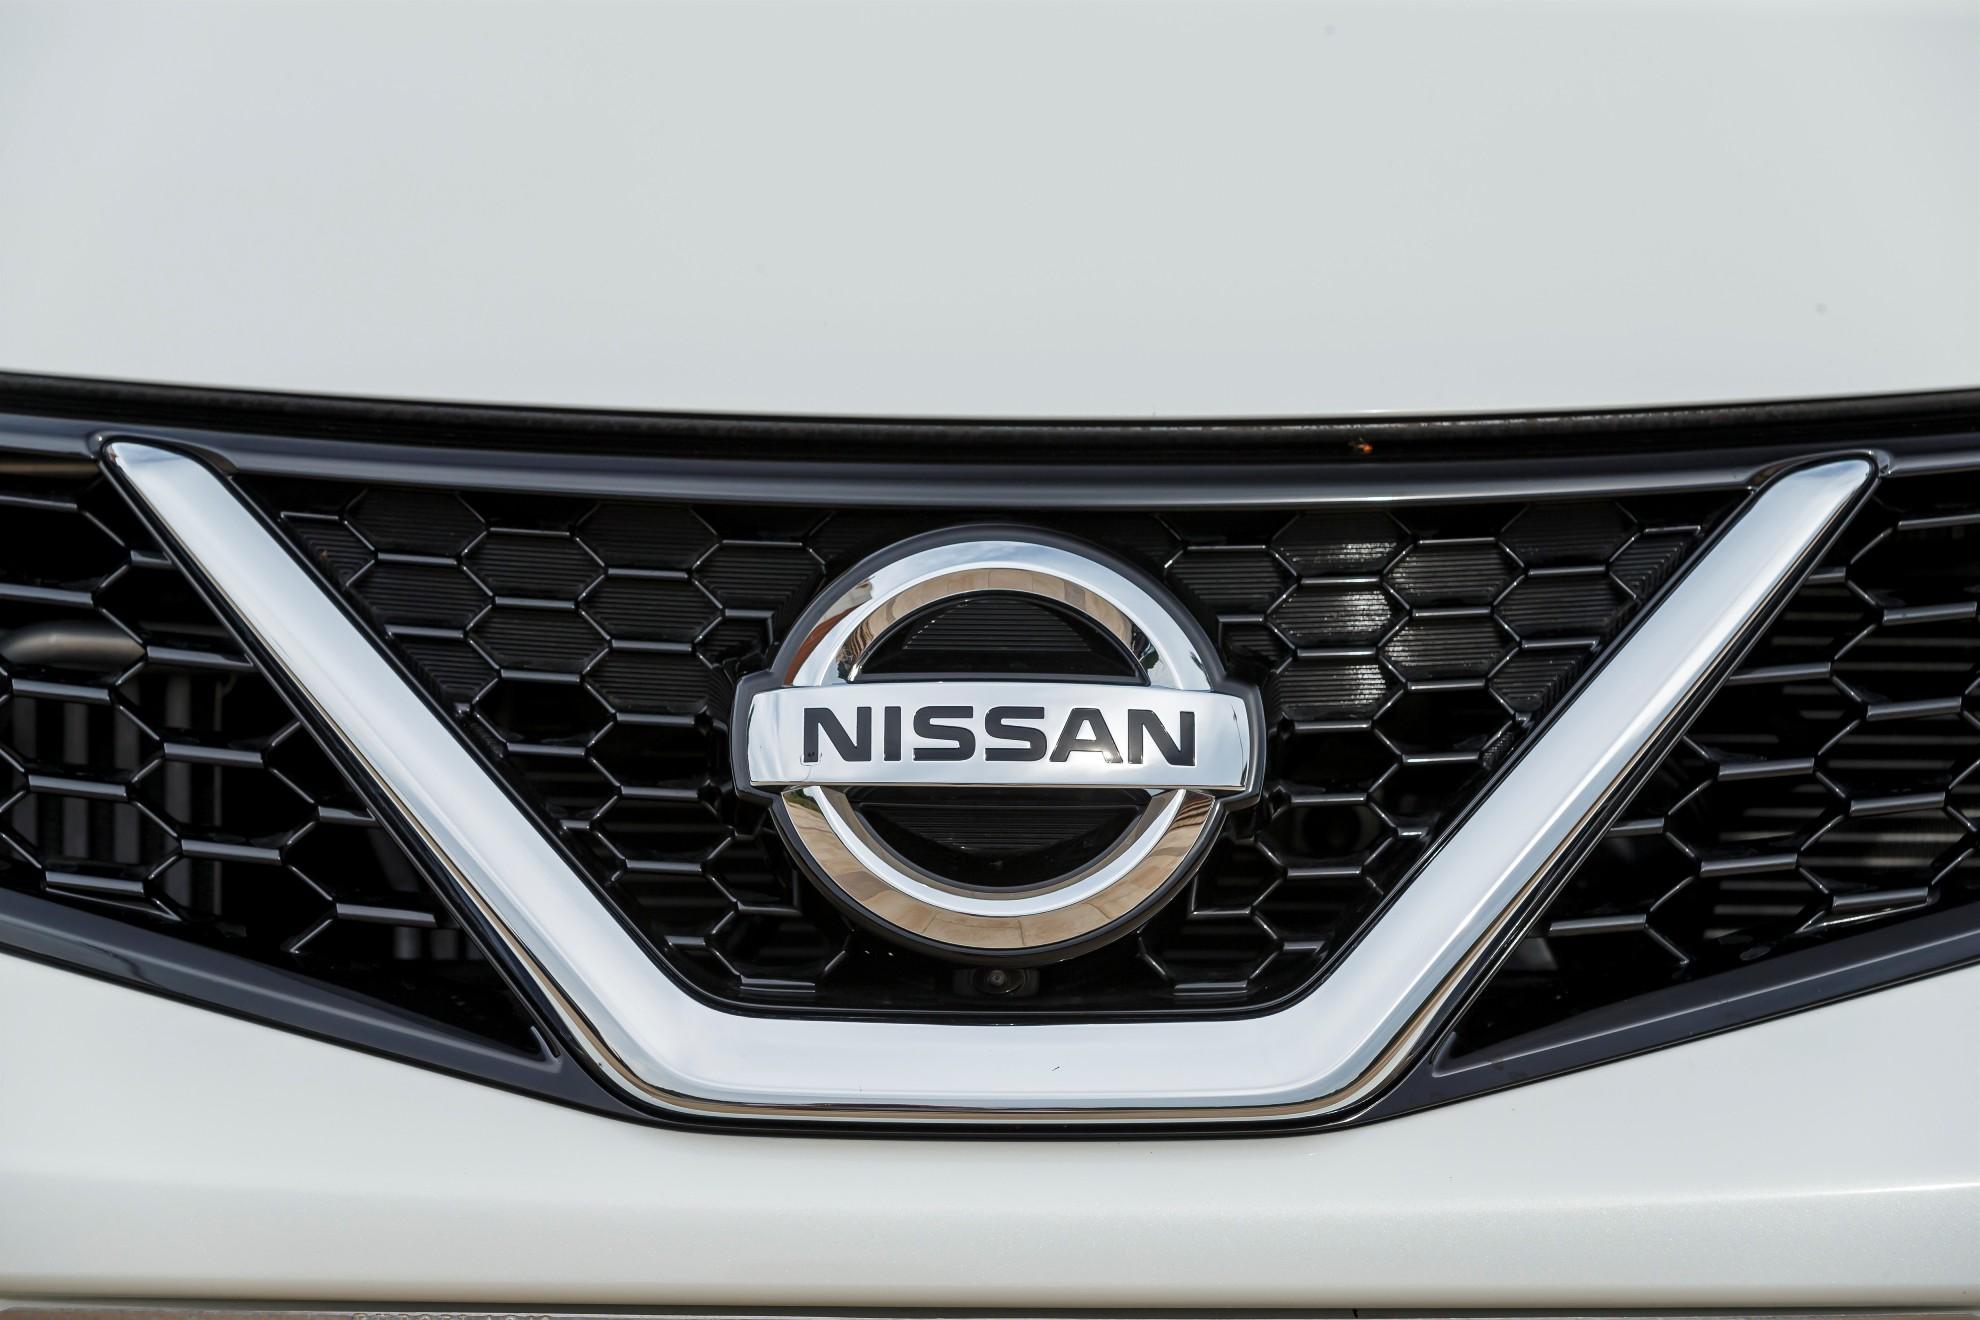 Caméra de la Nissan Pulsar front située dans la calandre